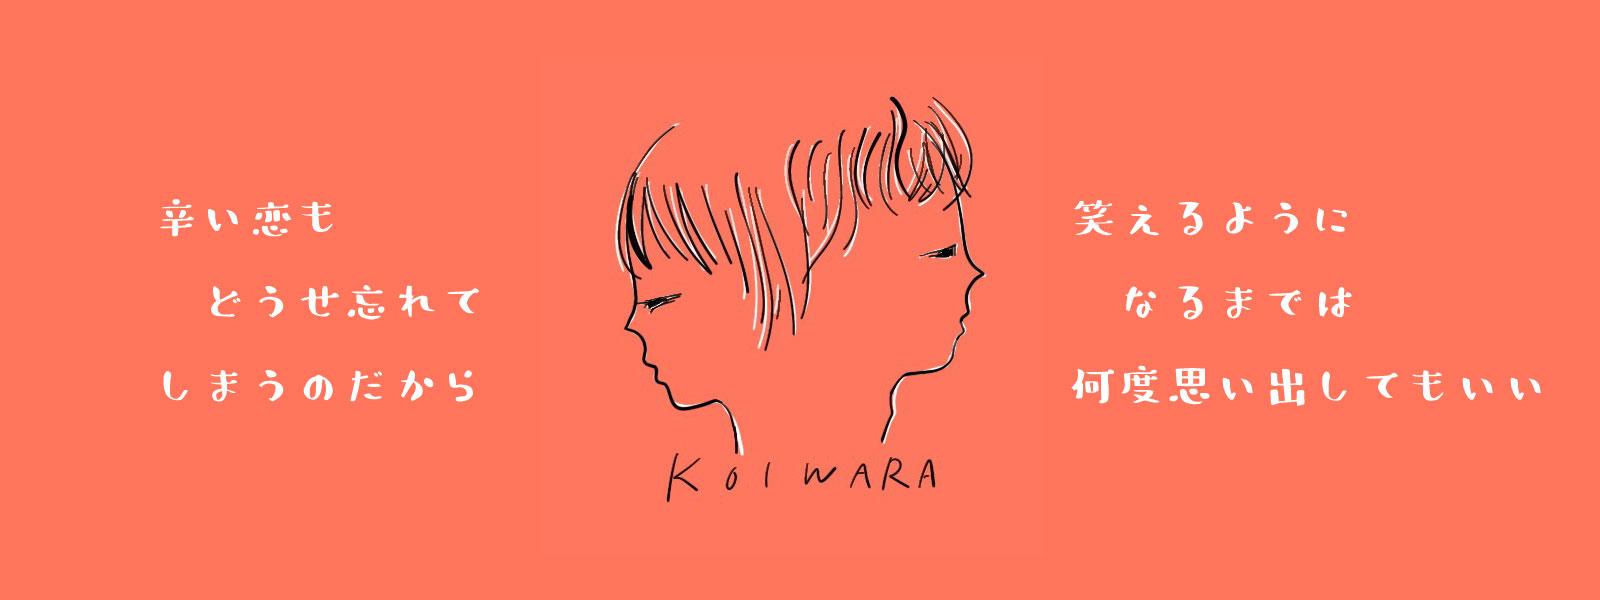 KOIWARA